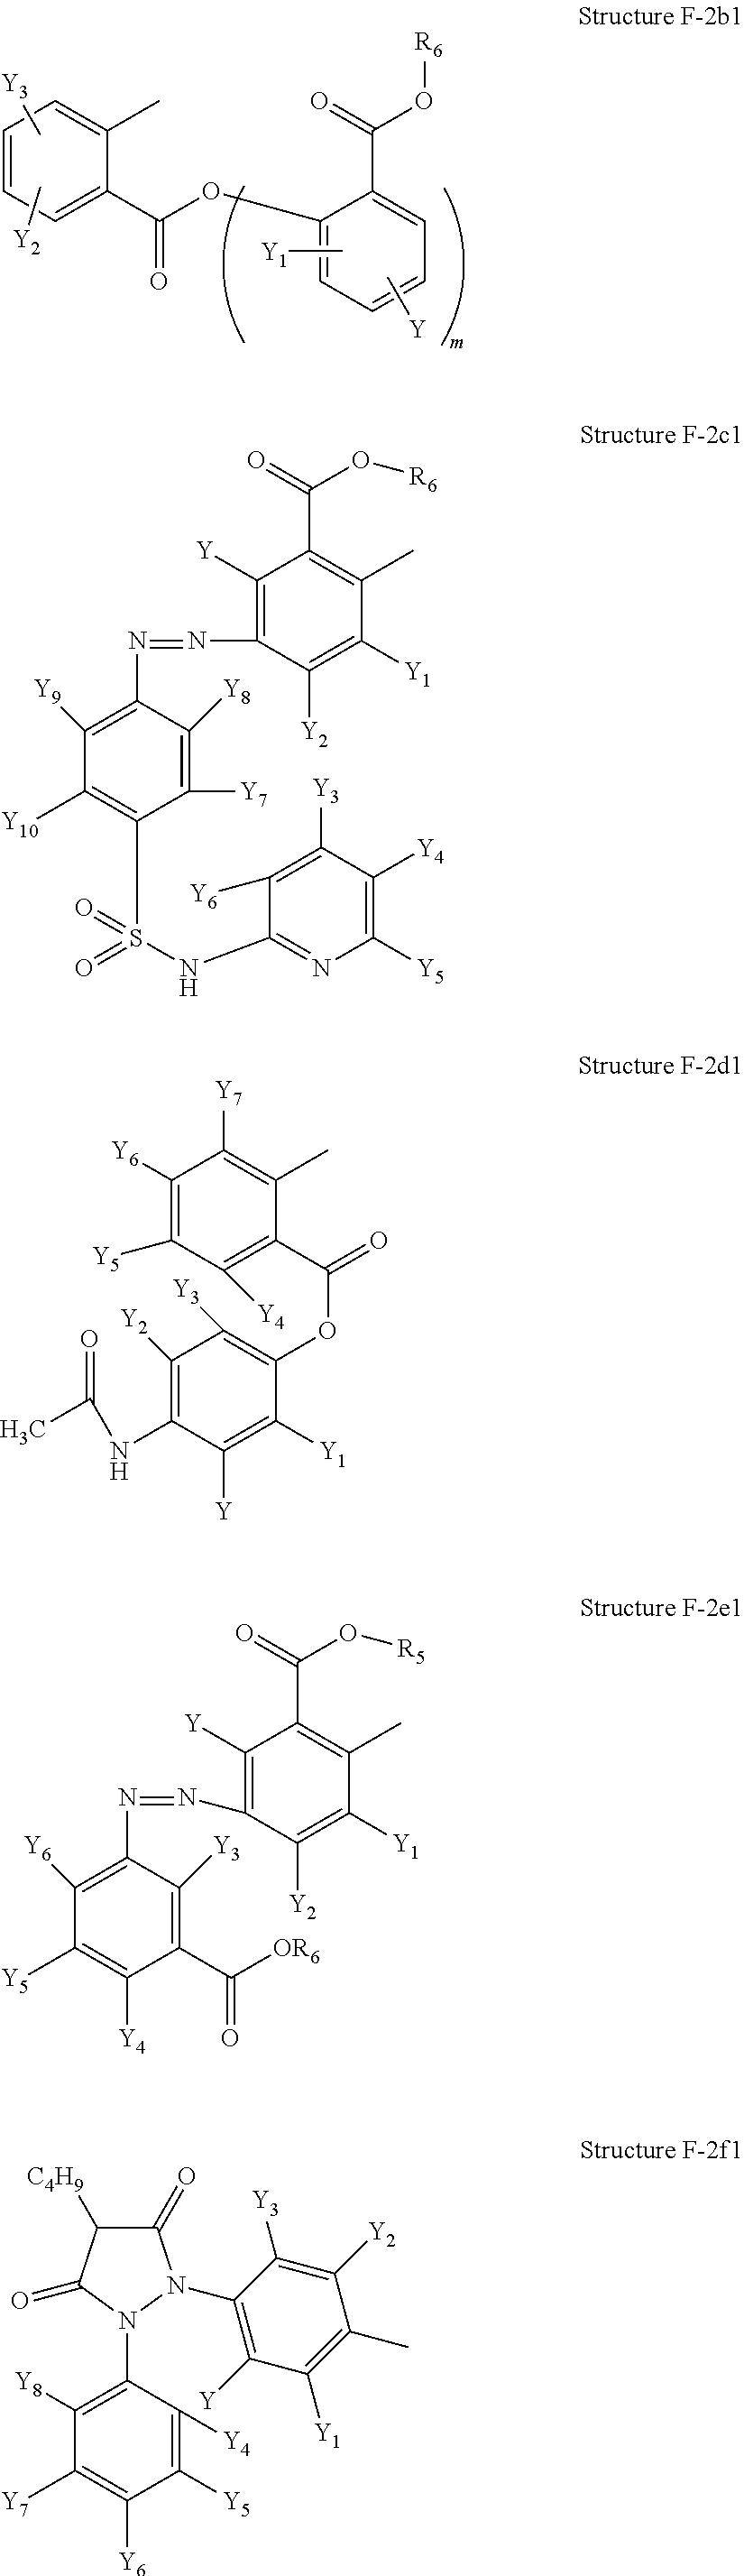 Figure US09872846-20180123-C00016